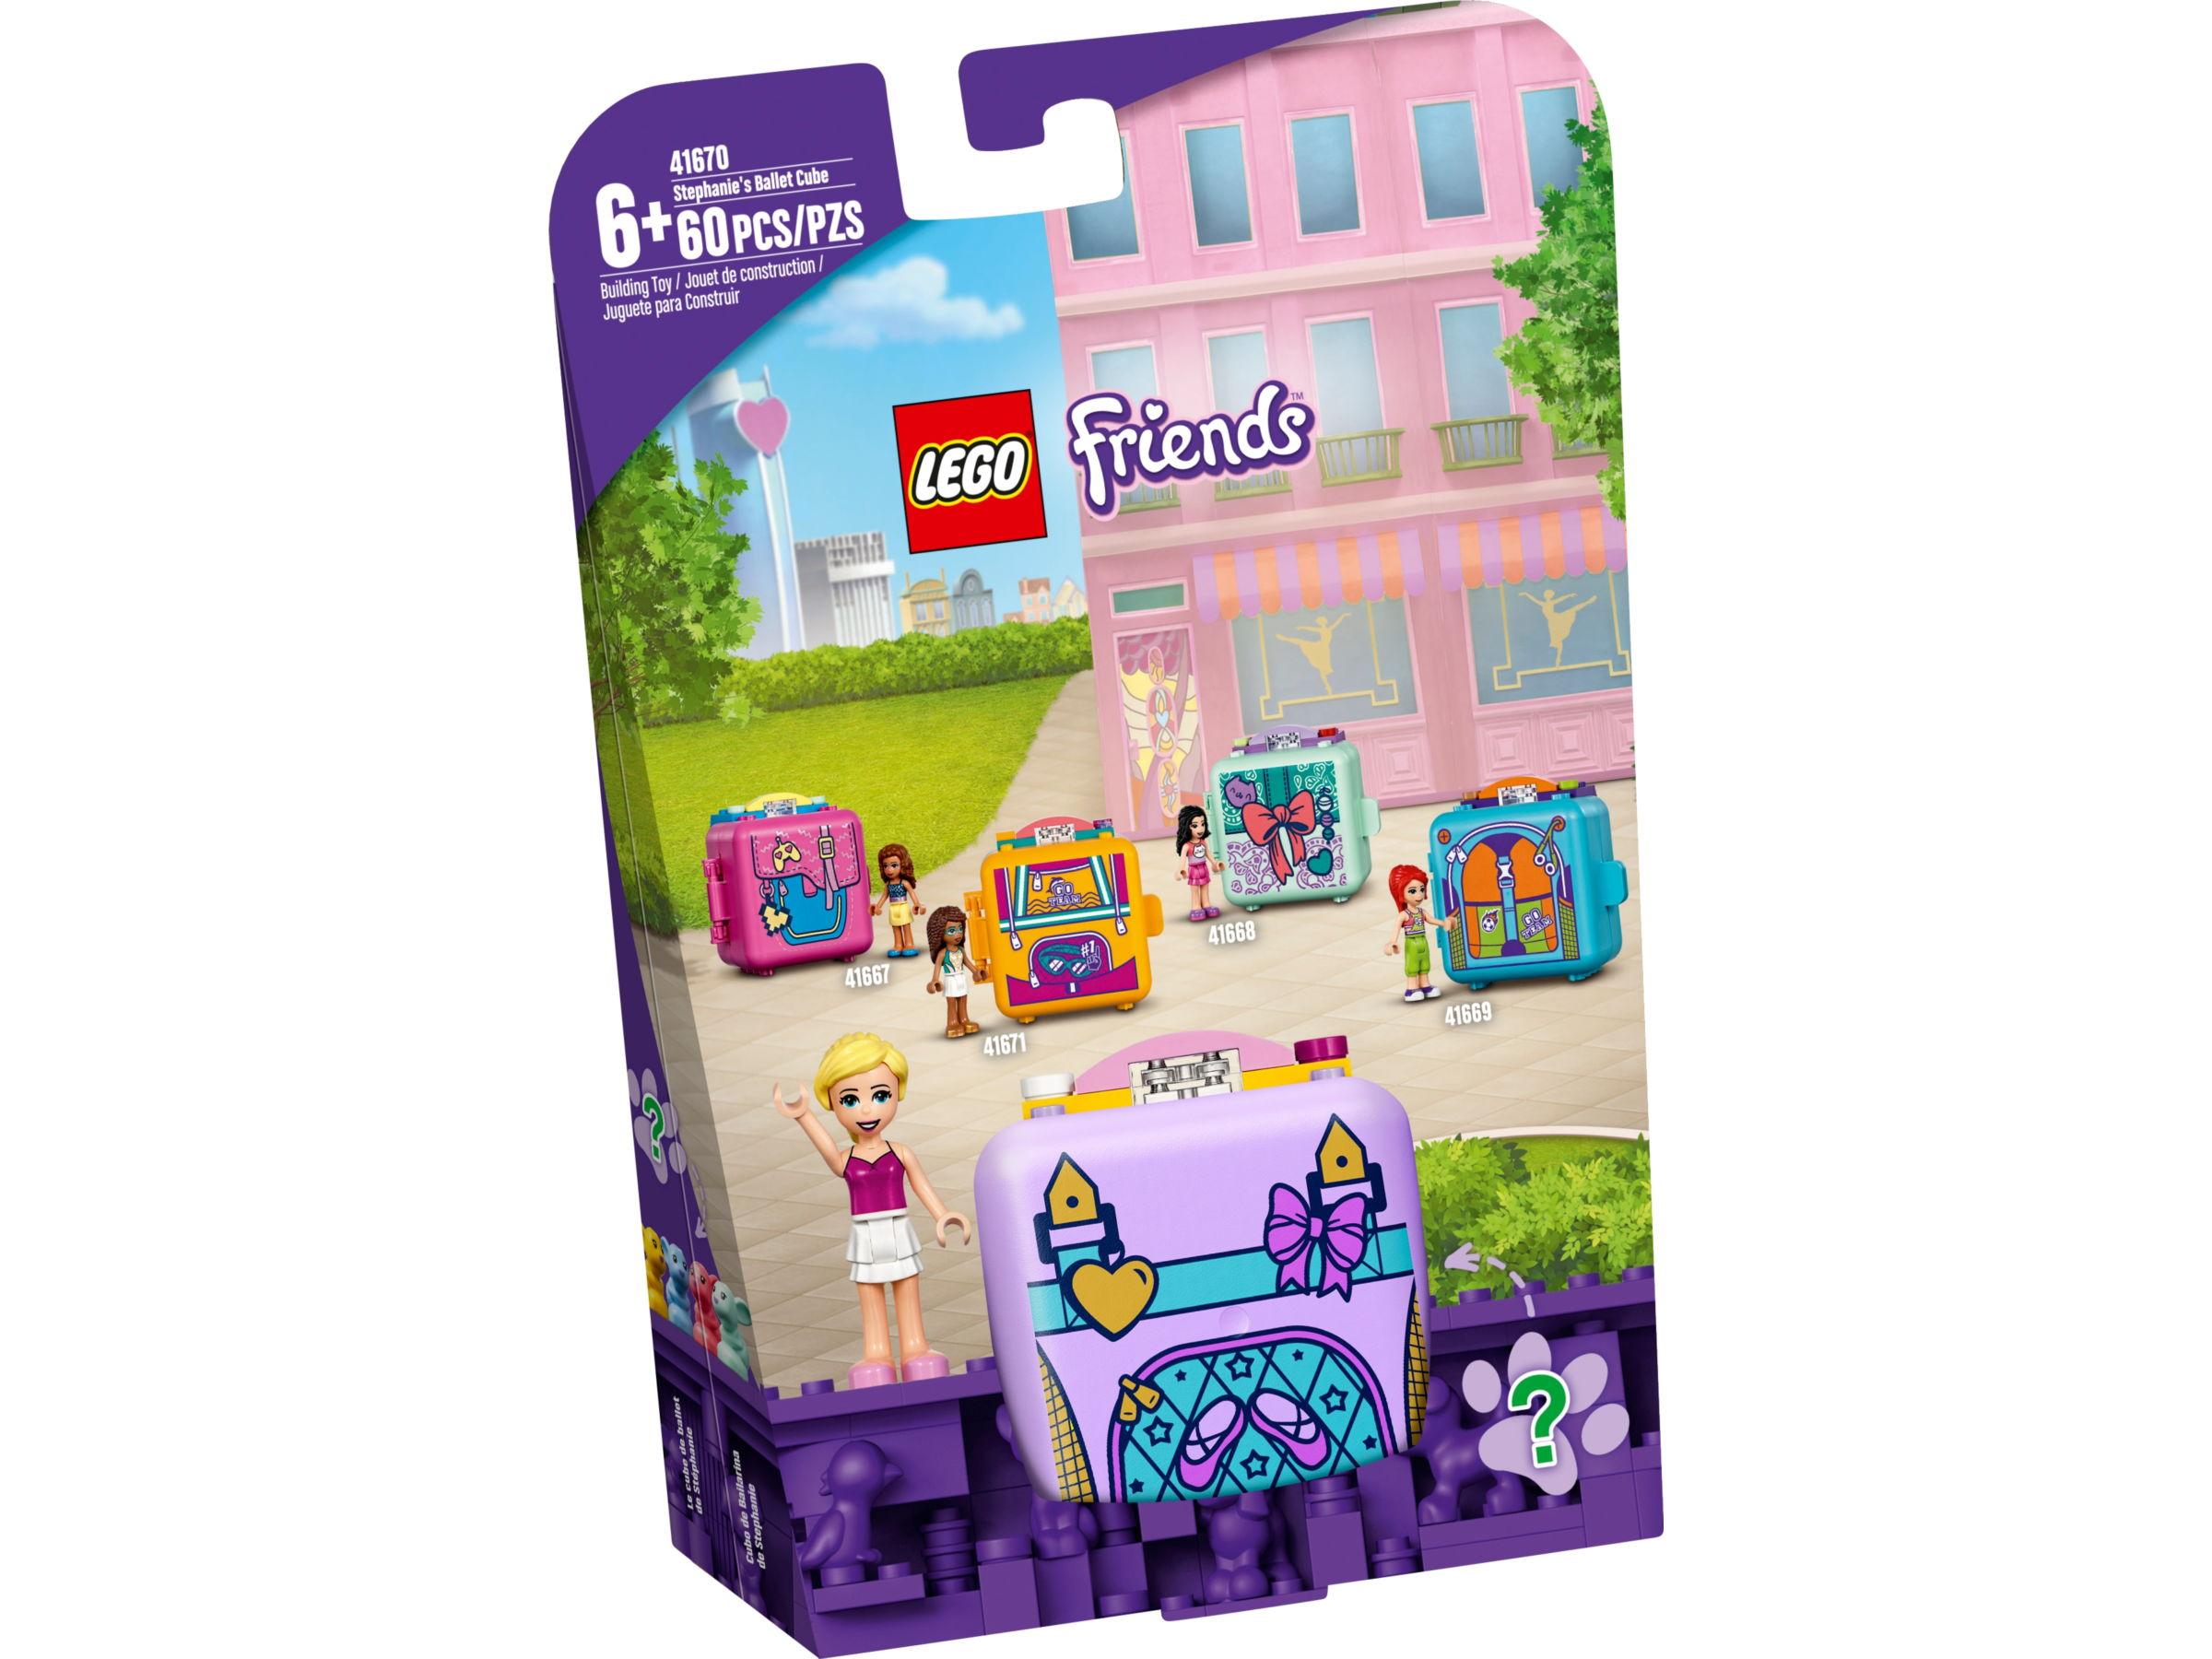 LEGO Friends 41670 Stephanie's balletkubus